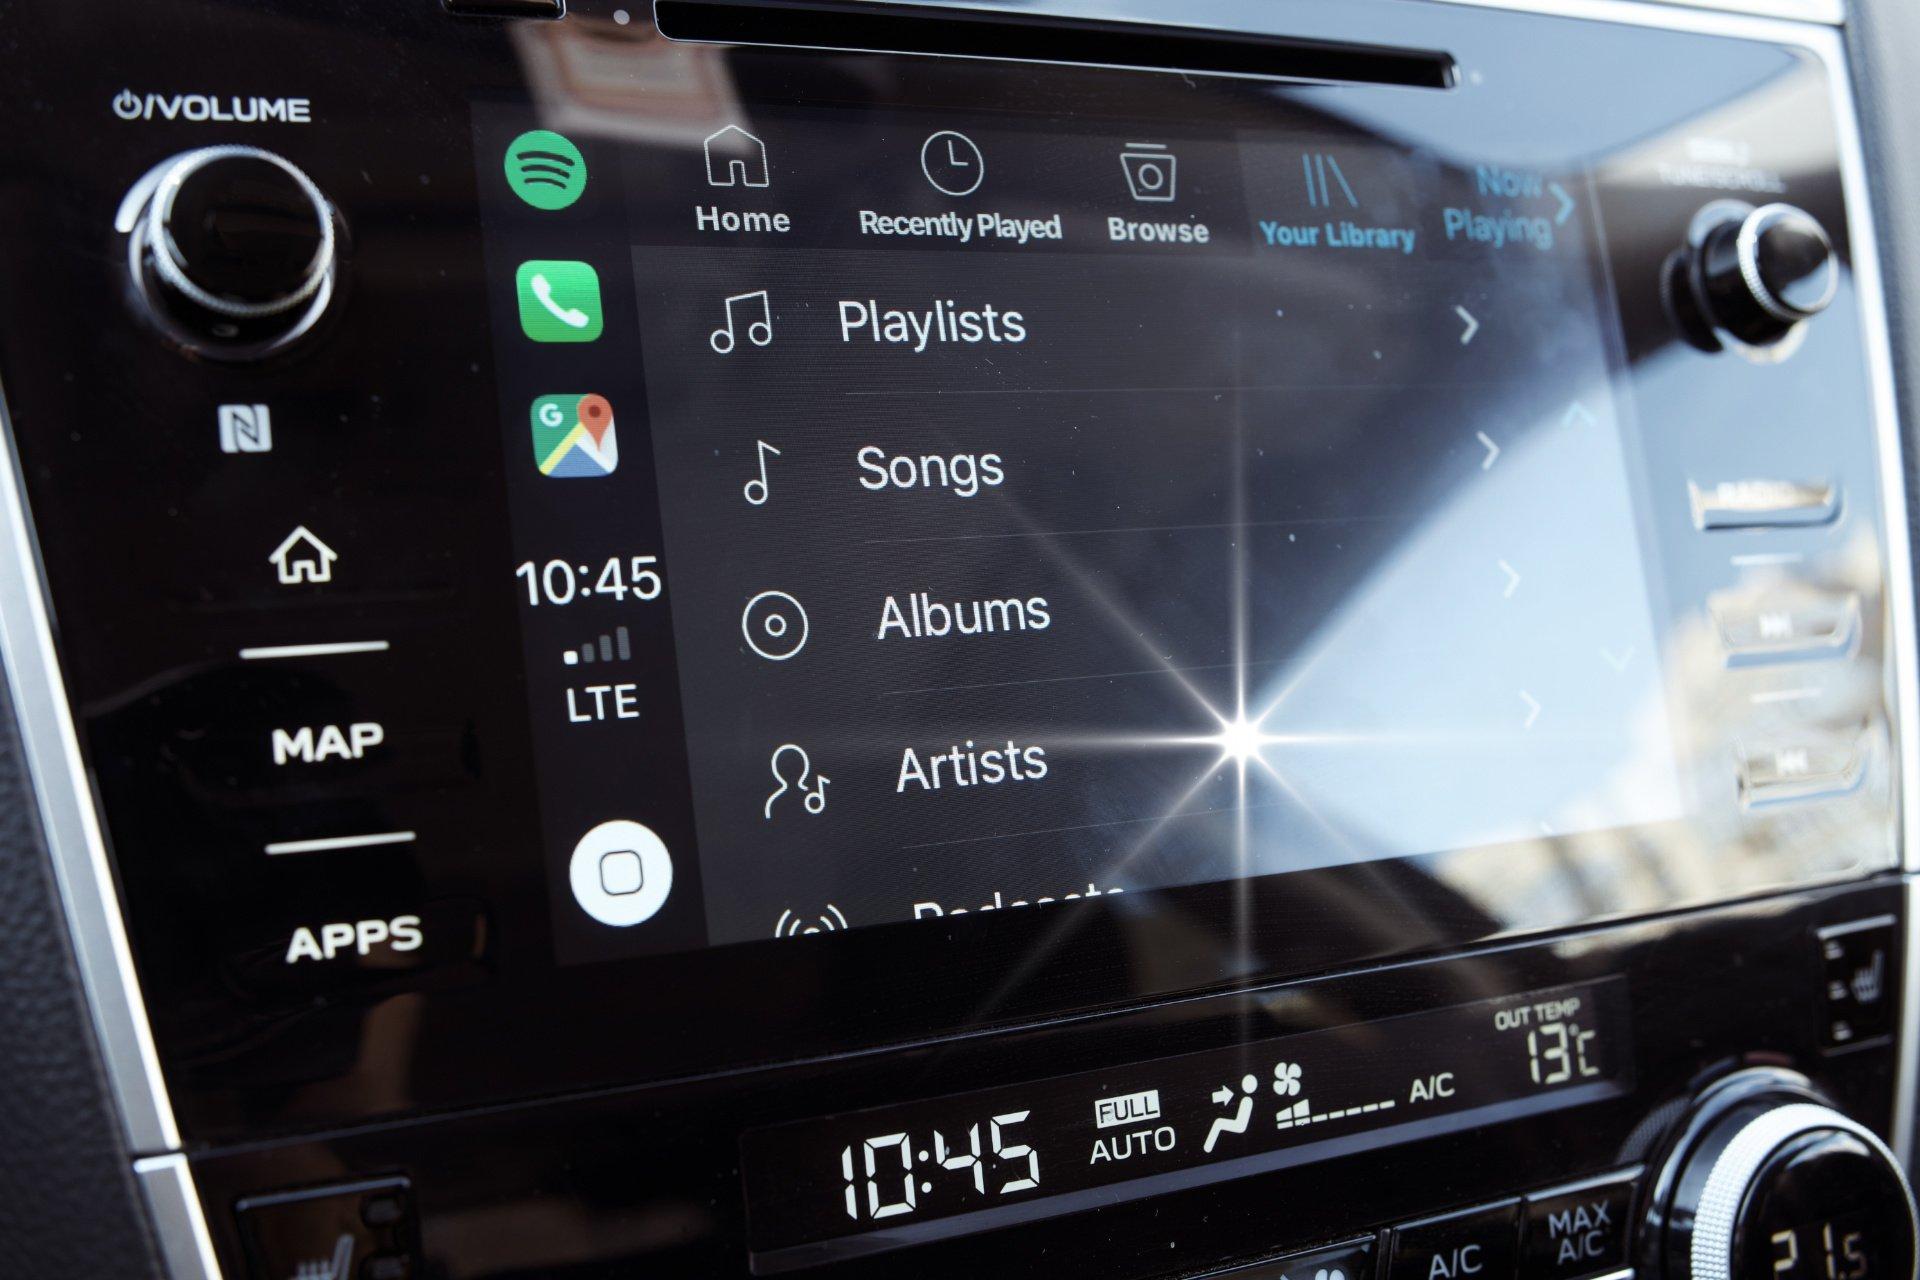 выбор песен плейлиста альбомов исполнителей spotify через CarPlay